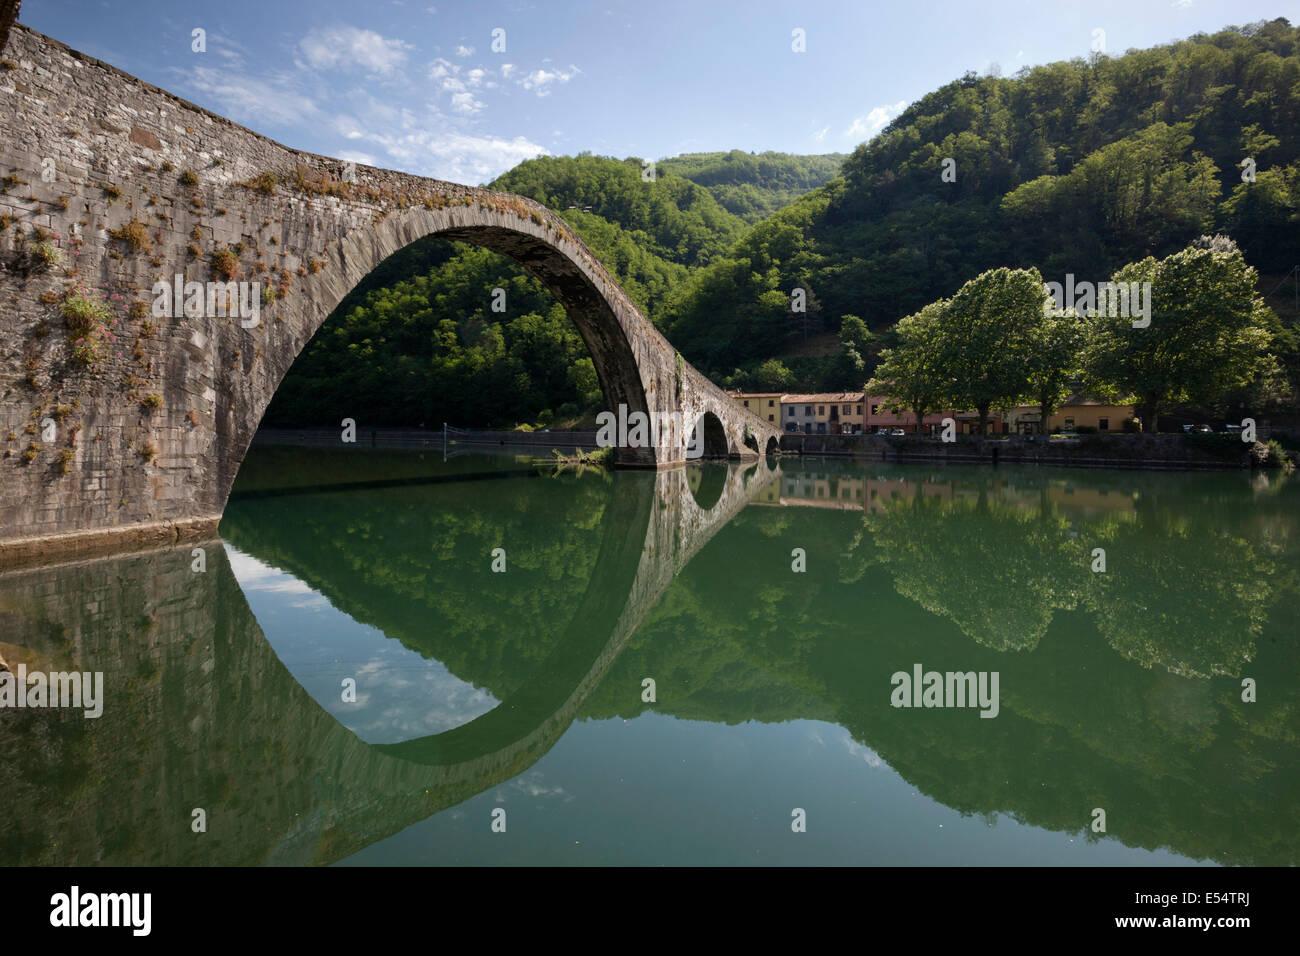 The medieval bridge of Ponte della Maddalena on the River Serchio, Borgo a Mozzano, near Lucca, Garfagnana, Tuscany, - Stock Image